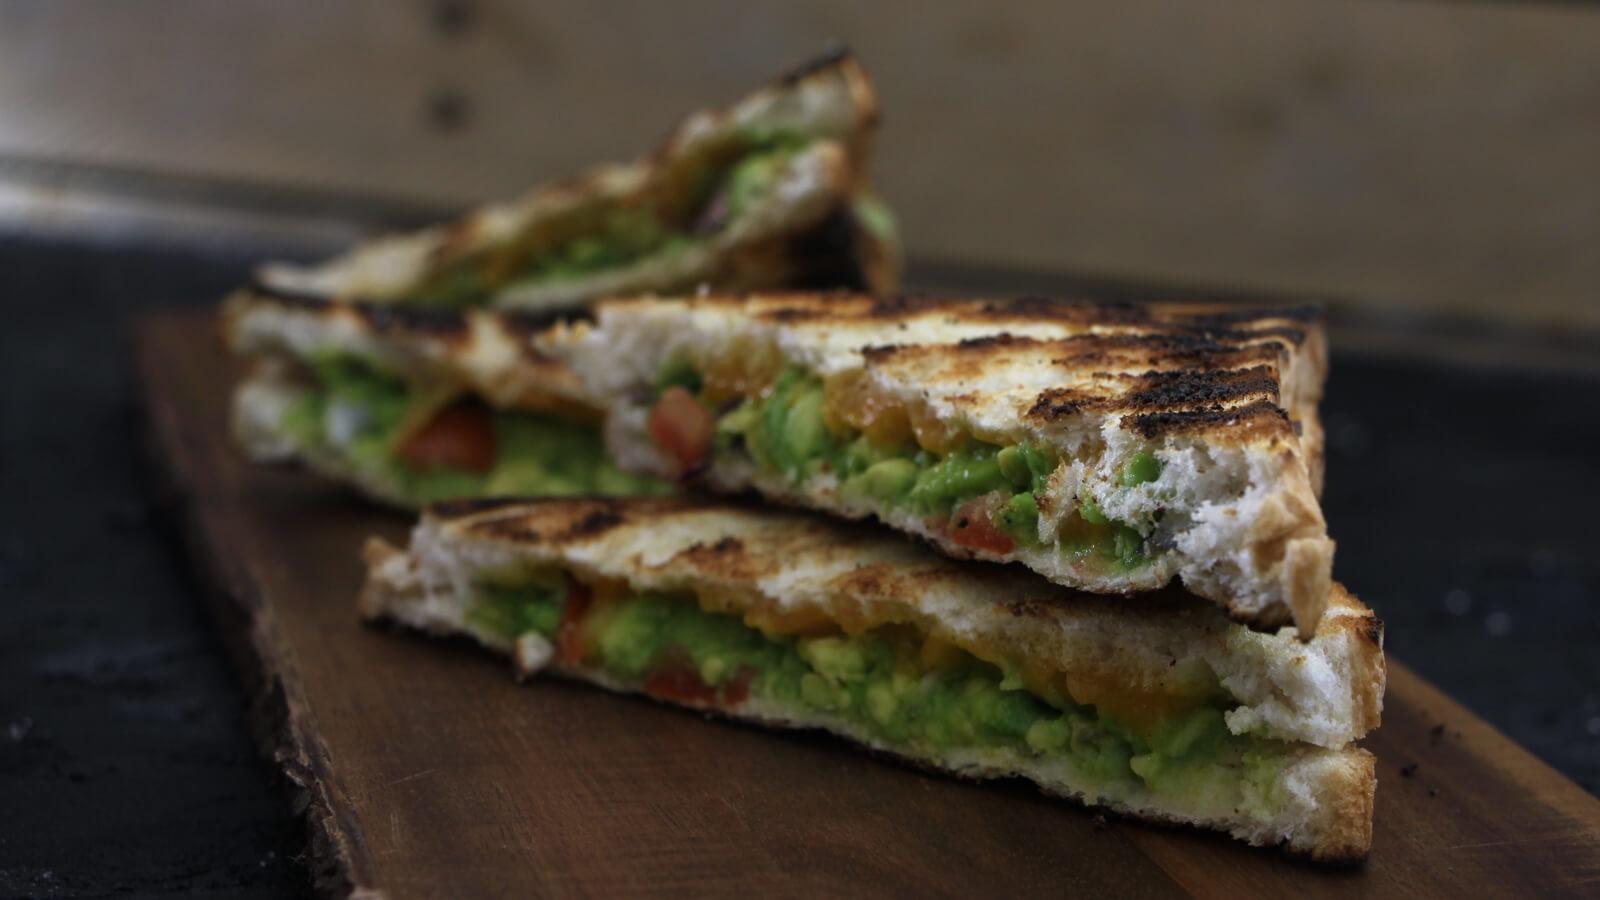 Braaibroodjies recept met guacamole. De Zuid-Afrikaanse tosti van de BBQ!